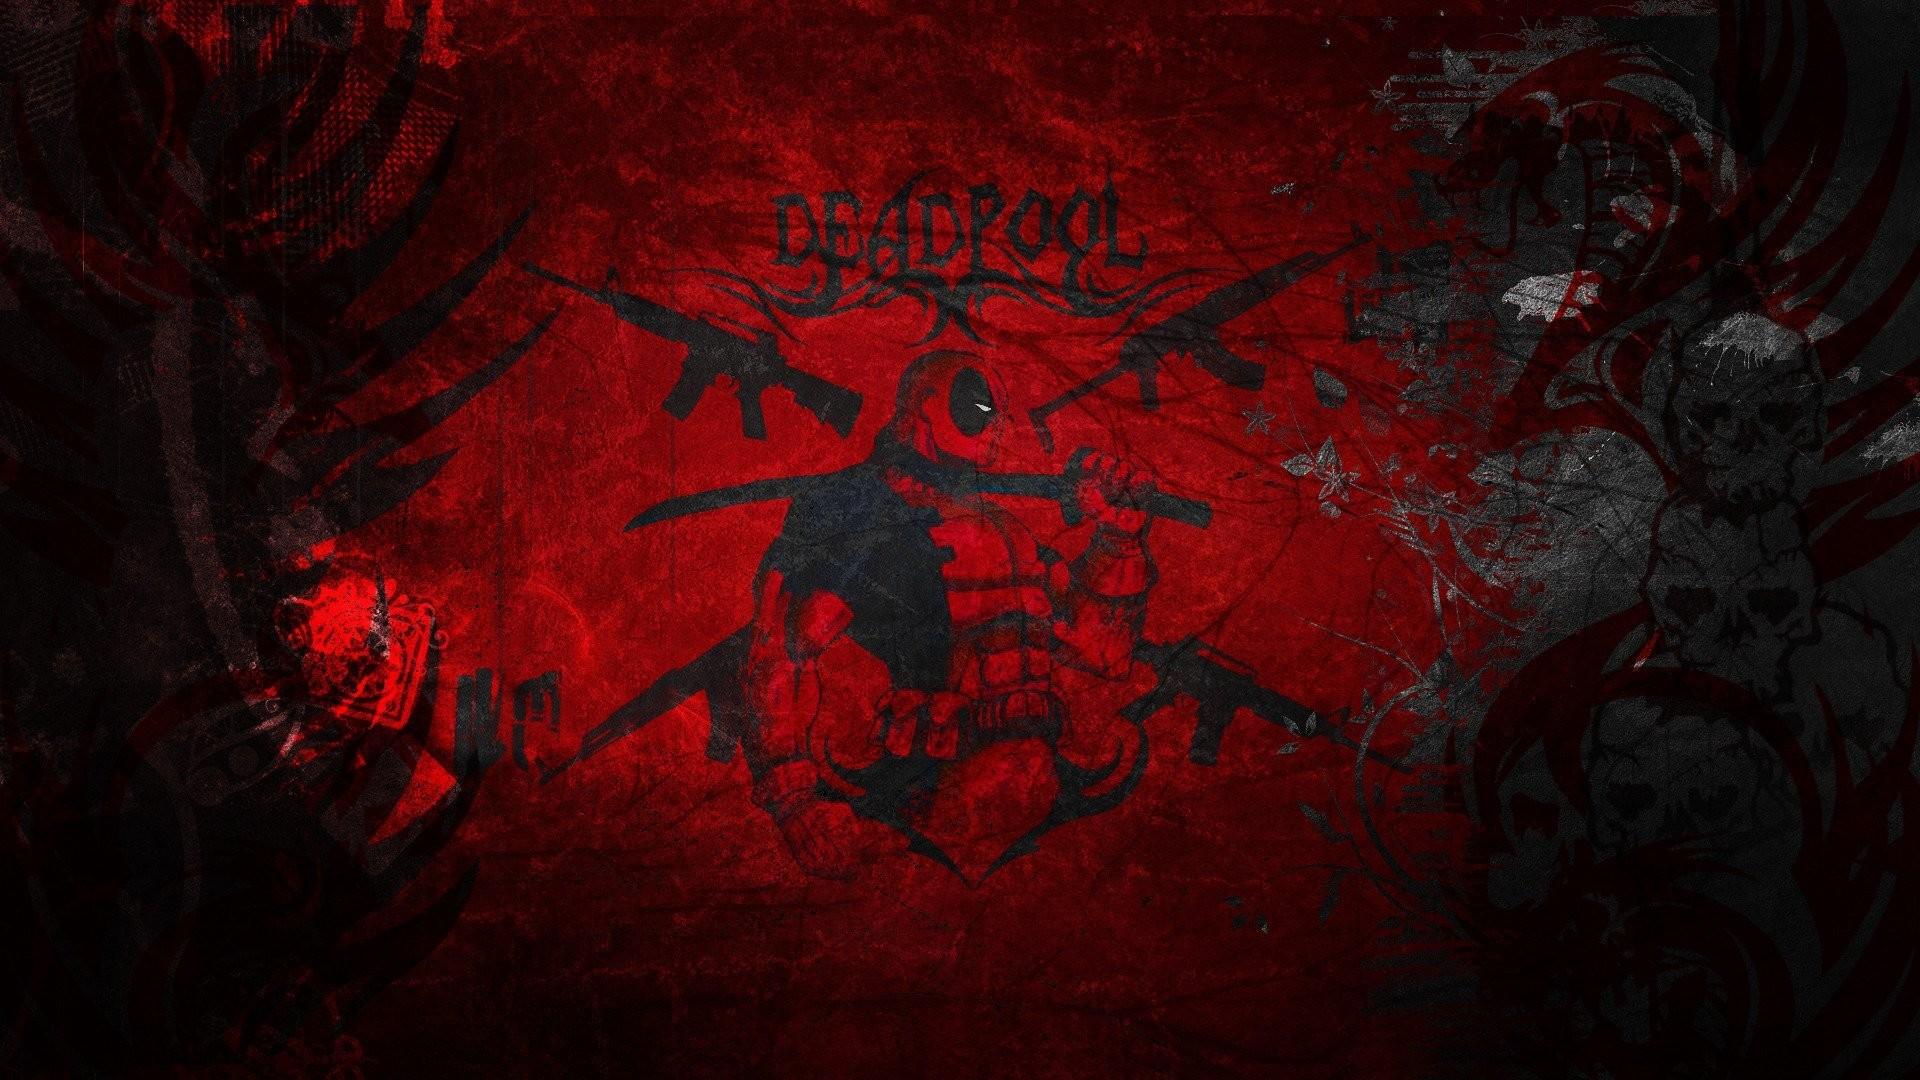 deadpool merc marvel style wallpaper red grunge red deadpool marvel comics  style wallpaper hd widescreen